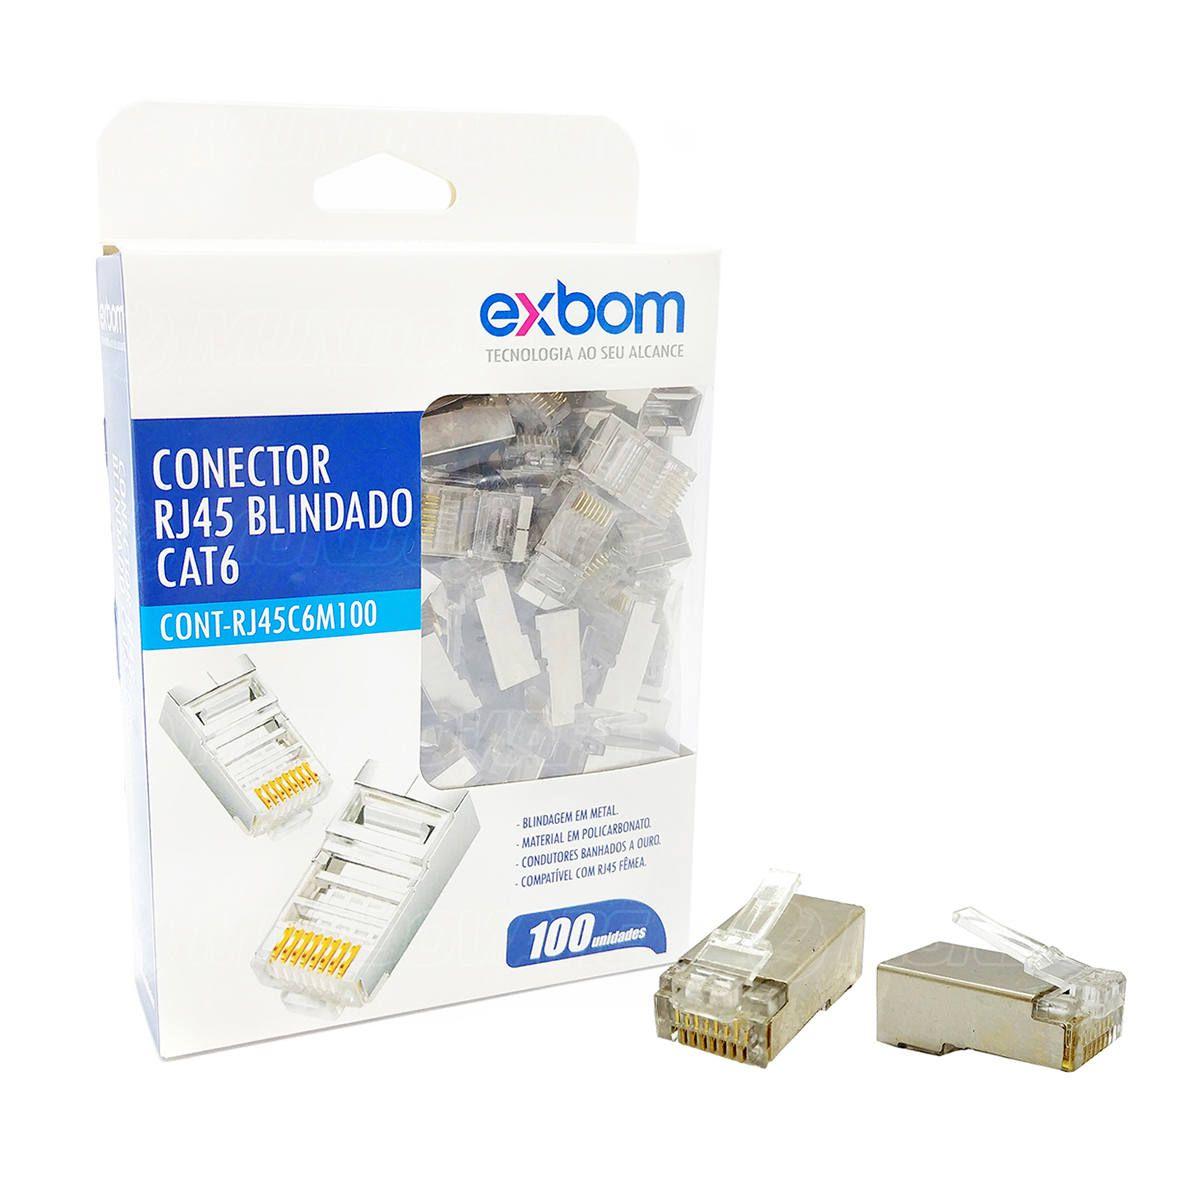 Conector RJ45 CAT6 Blindado em Metal 8P8C Suporta Gigabit Ethernet Exbom RJ45C6M100 / Caixa com 100 Unidades